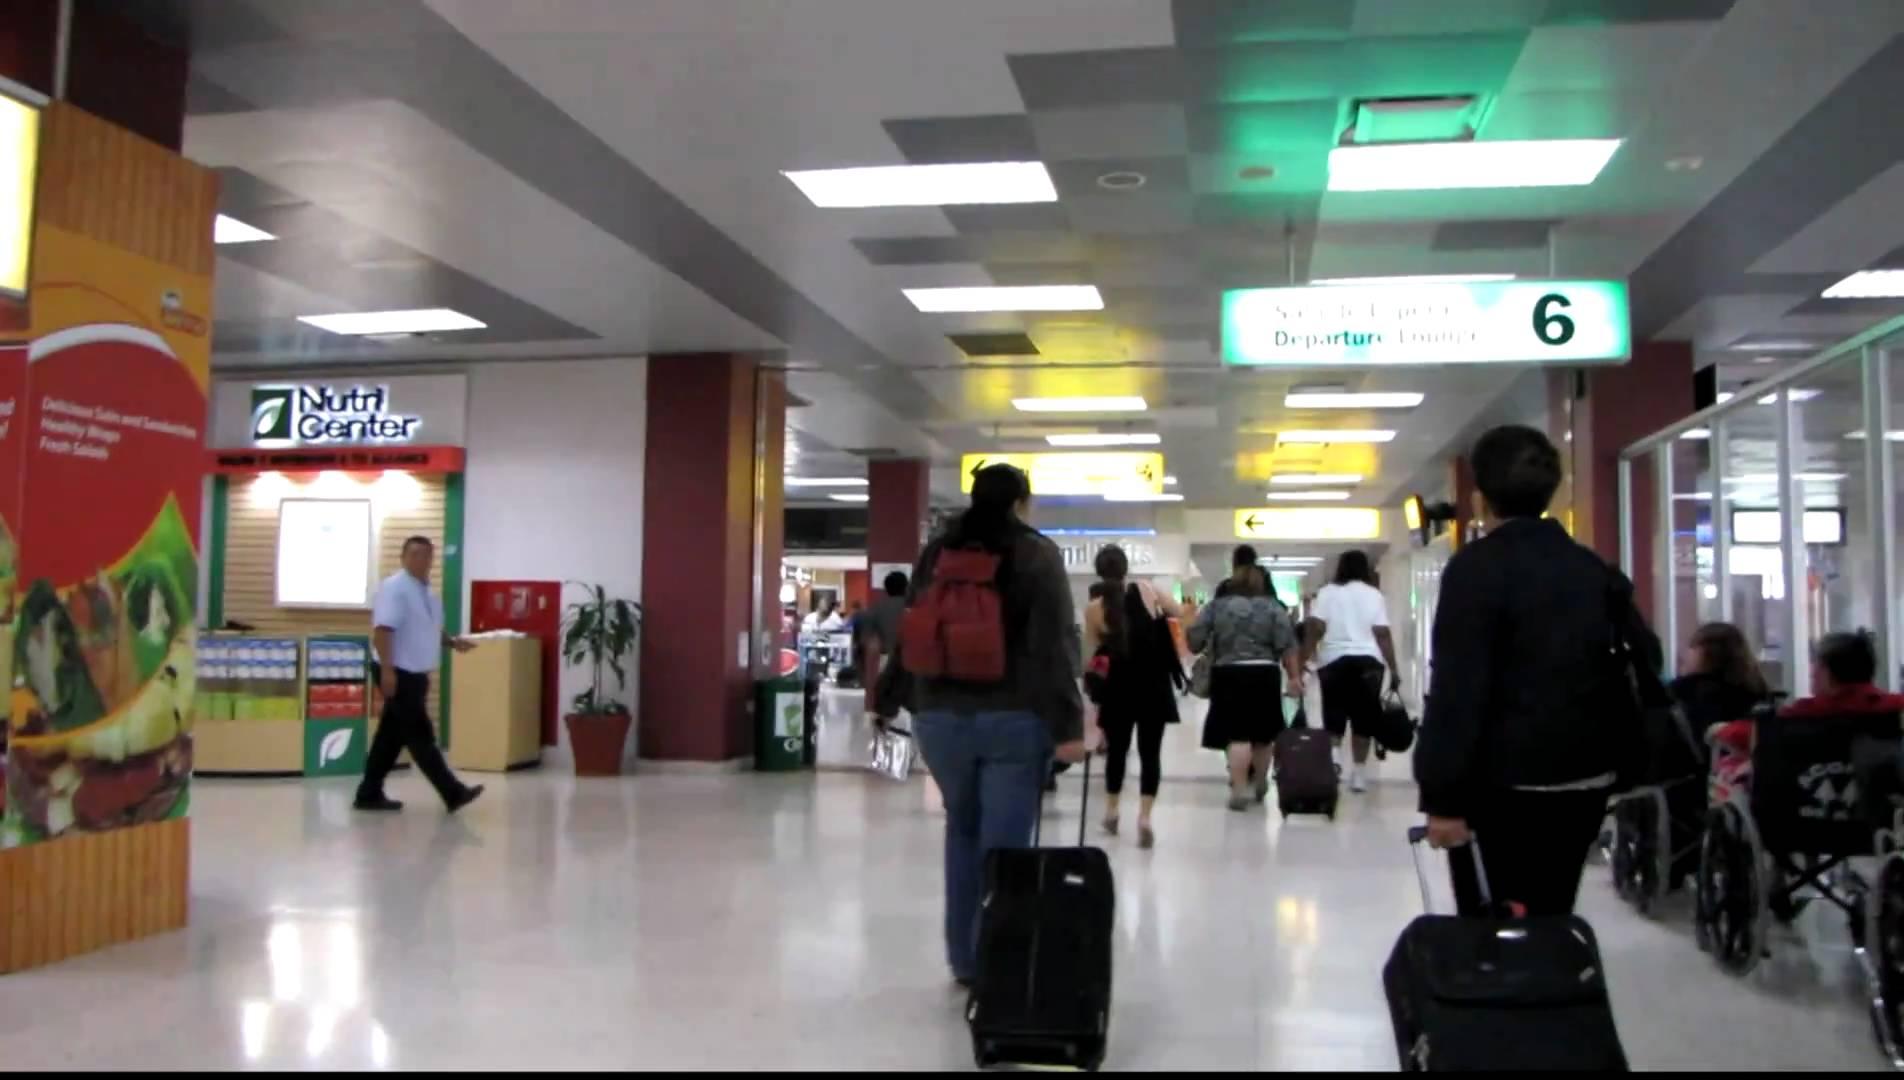 Сан-Сальвадор аэропорт